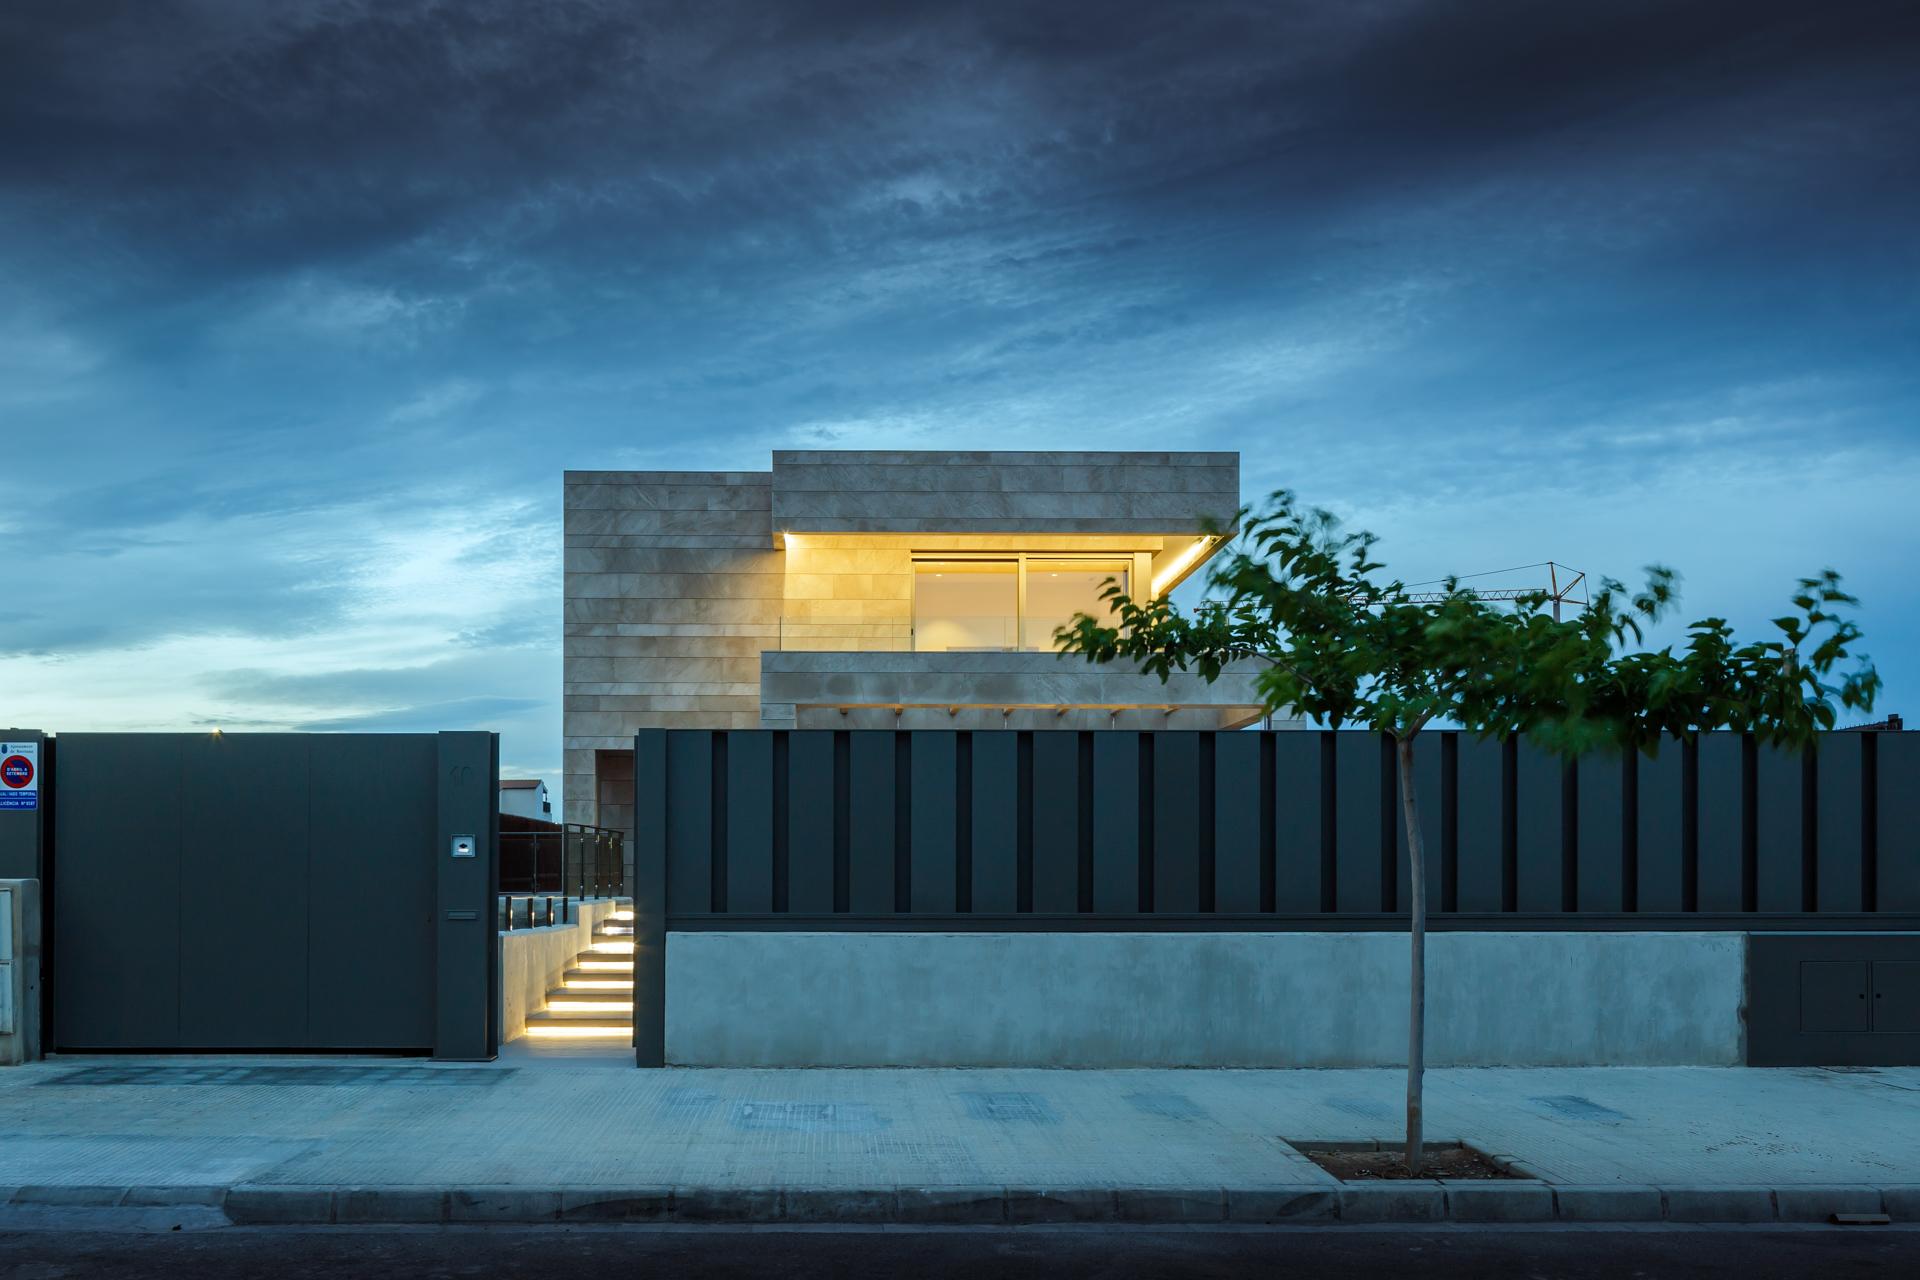 Arquitectura moderna_vivienda unifamiliar_fachada de puedra_luz nocturna_valla metálica_arquitectos valencia_burriana_proyectos